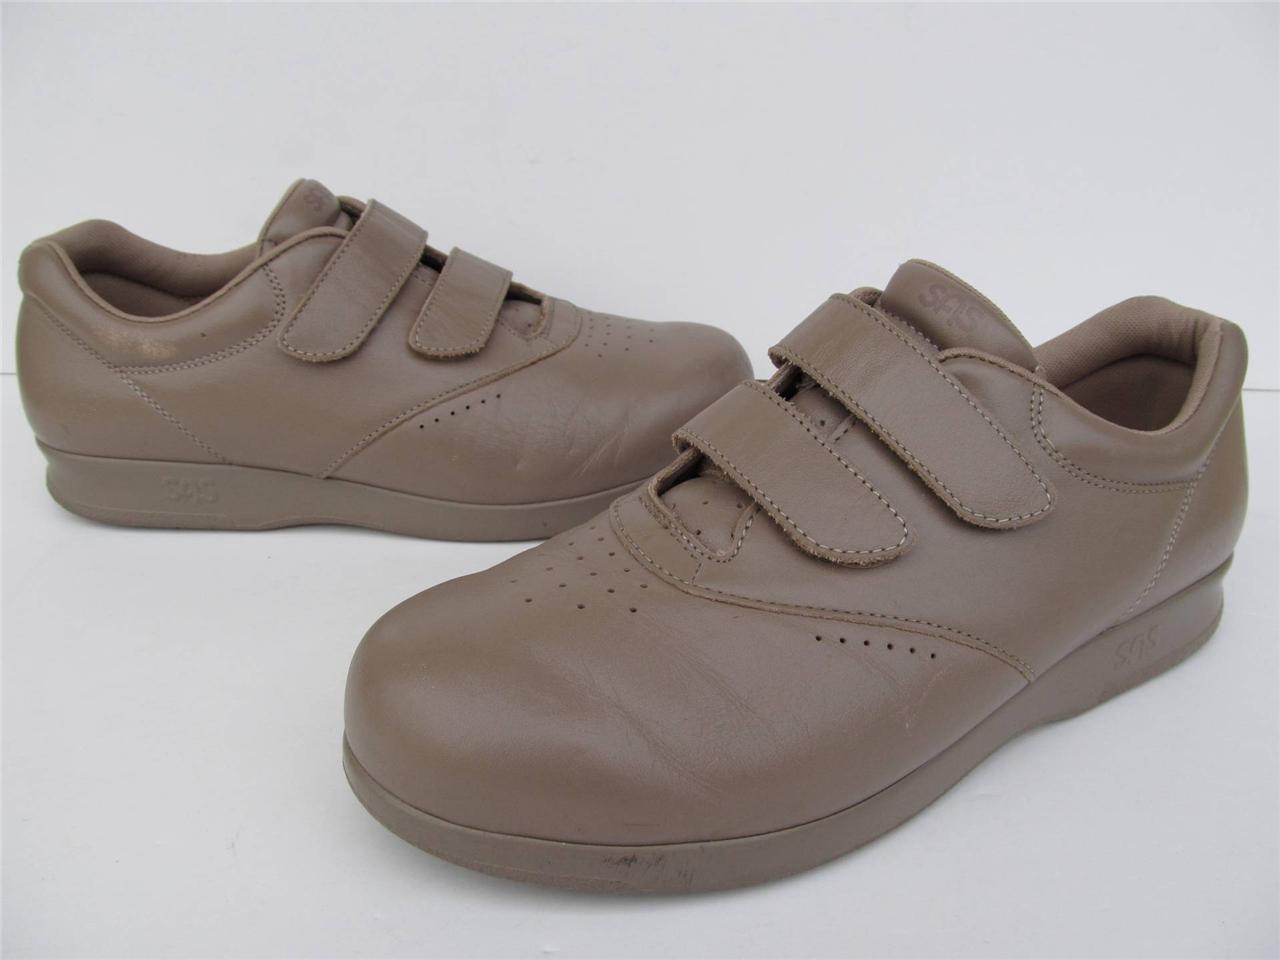 Sas Shoes Uk